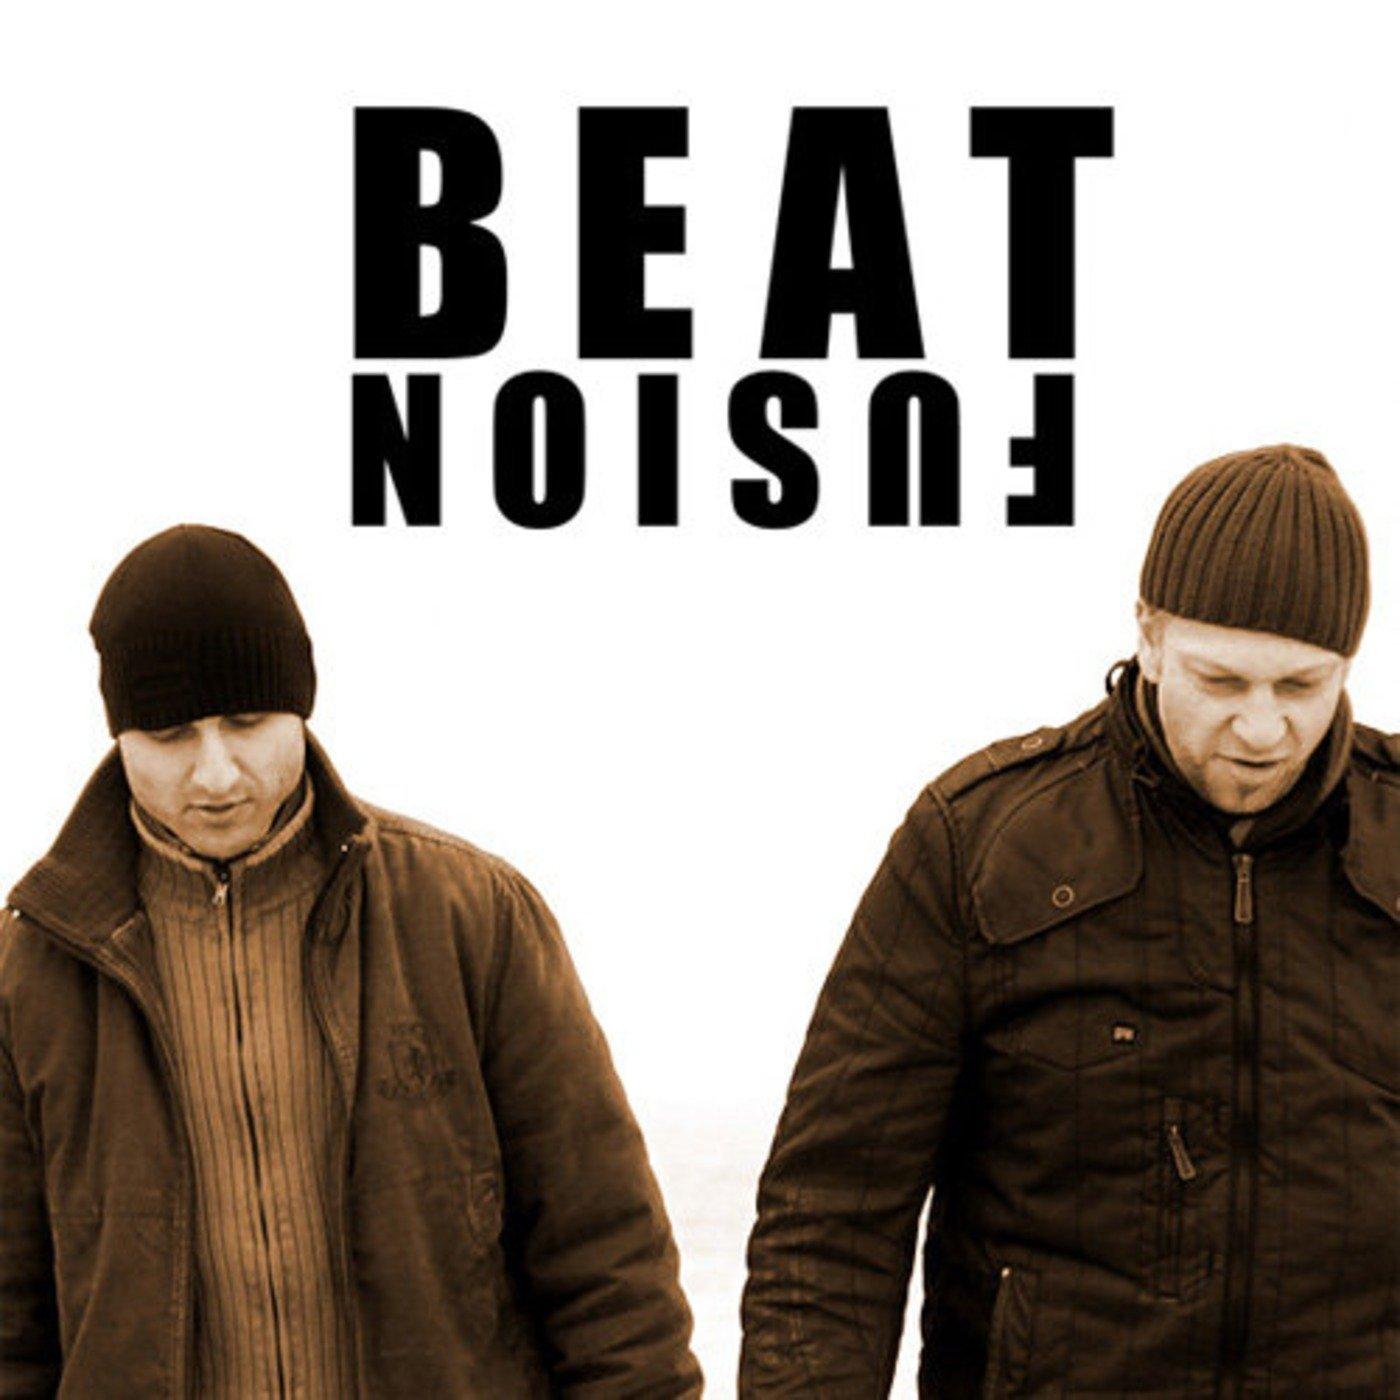 Beatfusion